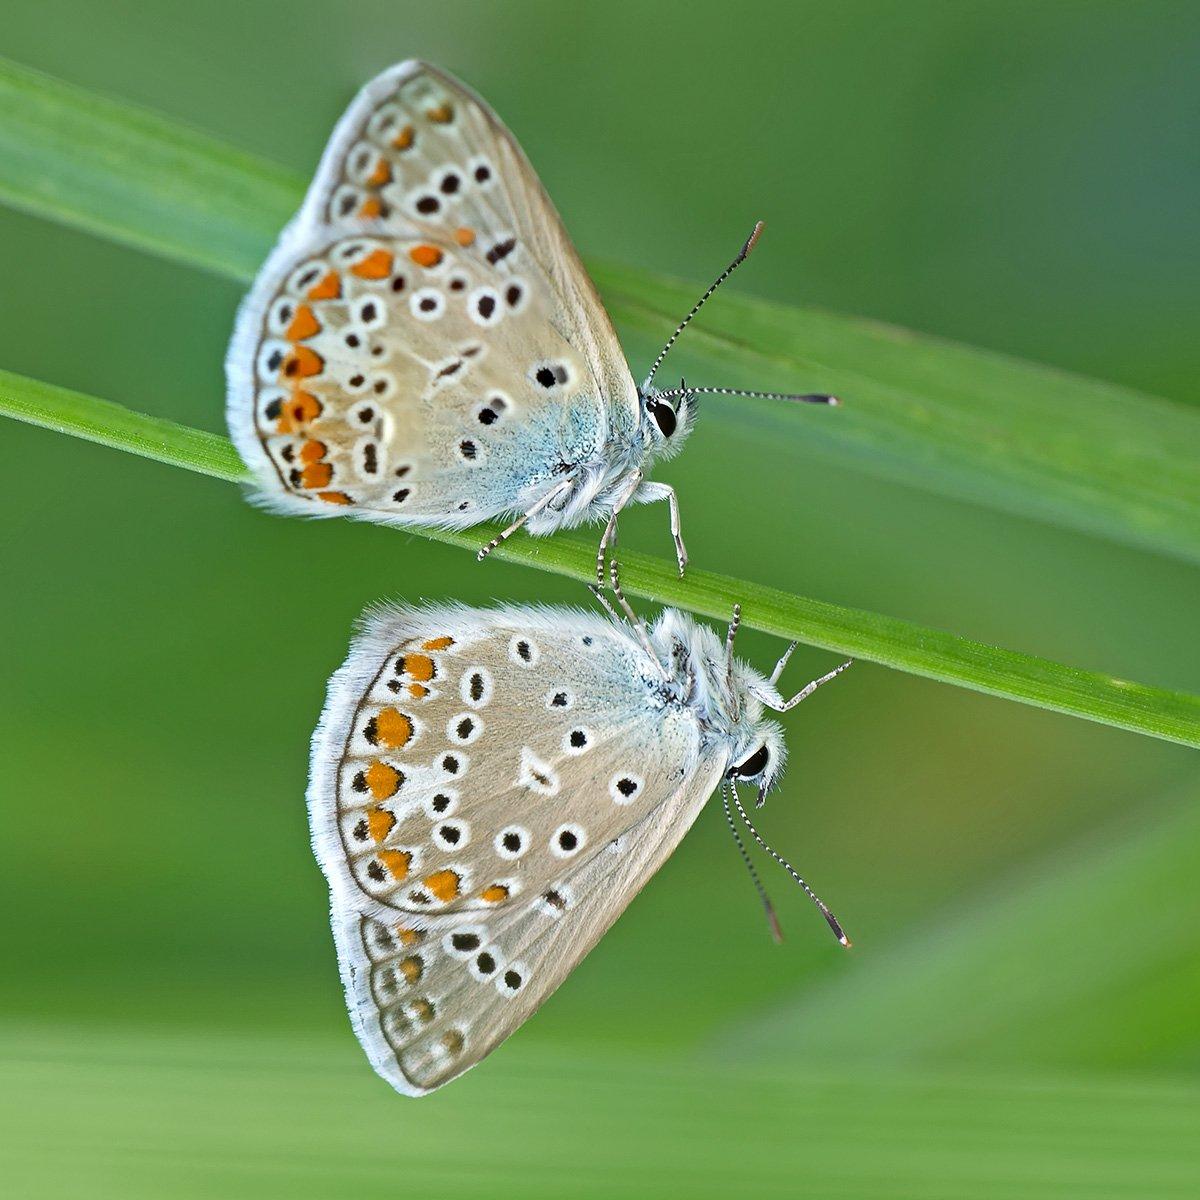 макро, насекомые, бабочки, голубянка, Александр Земляной